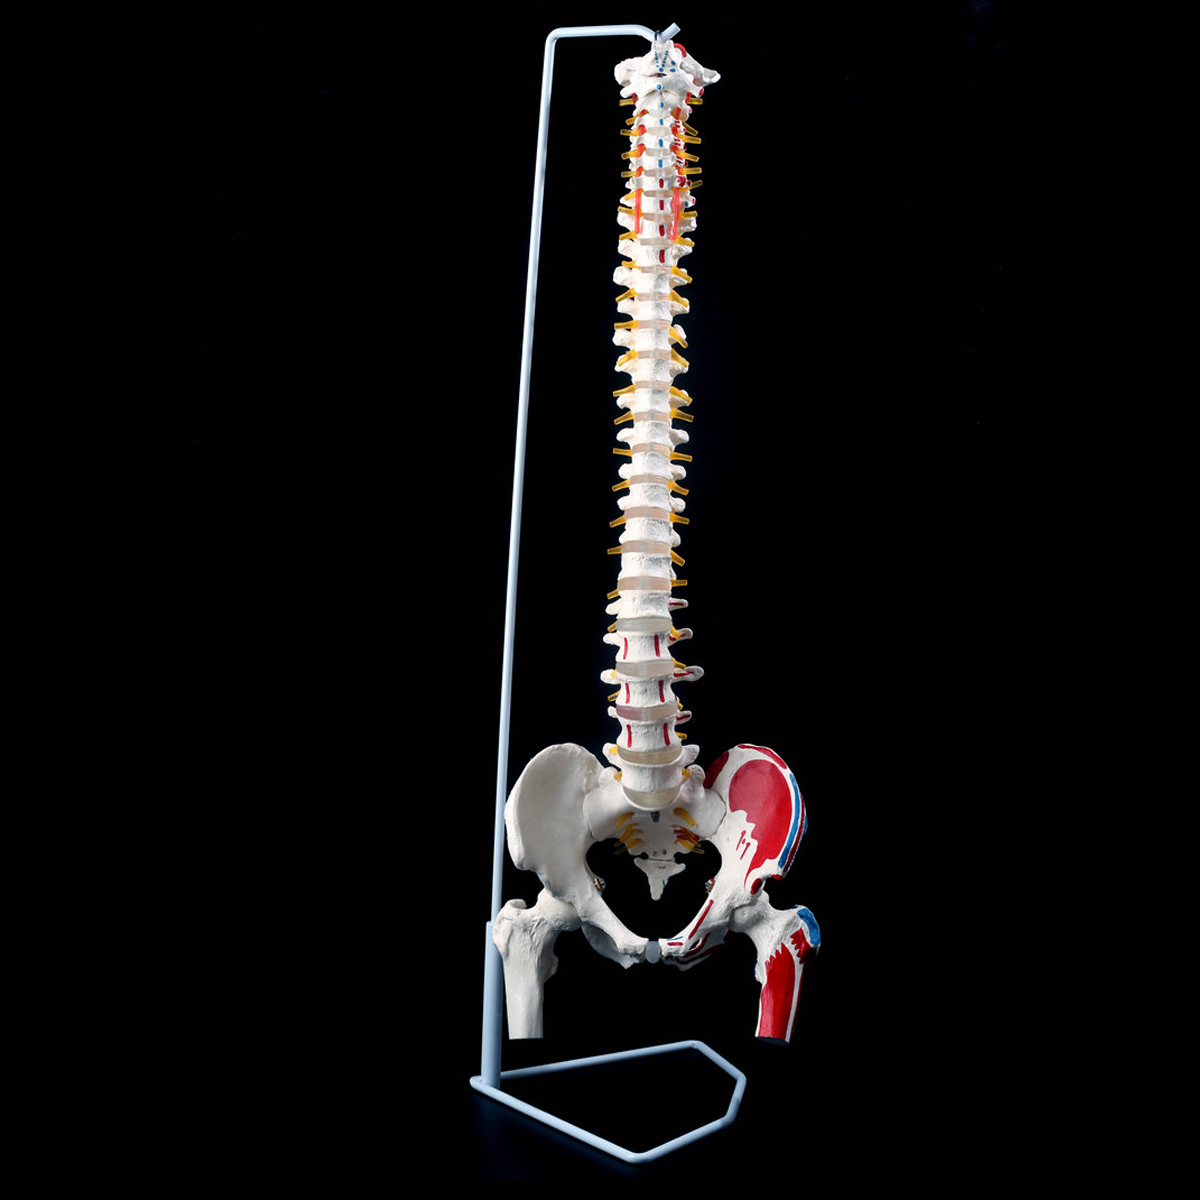 85 cm 1:1 taille réelle anatomie humaine colonne vertébrale modèle bassin fémurs + Stand école éducation Science médicale modèle d'enseignement anatomique